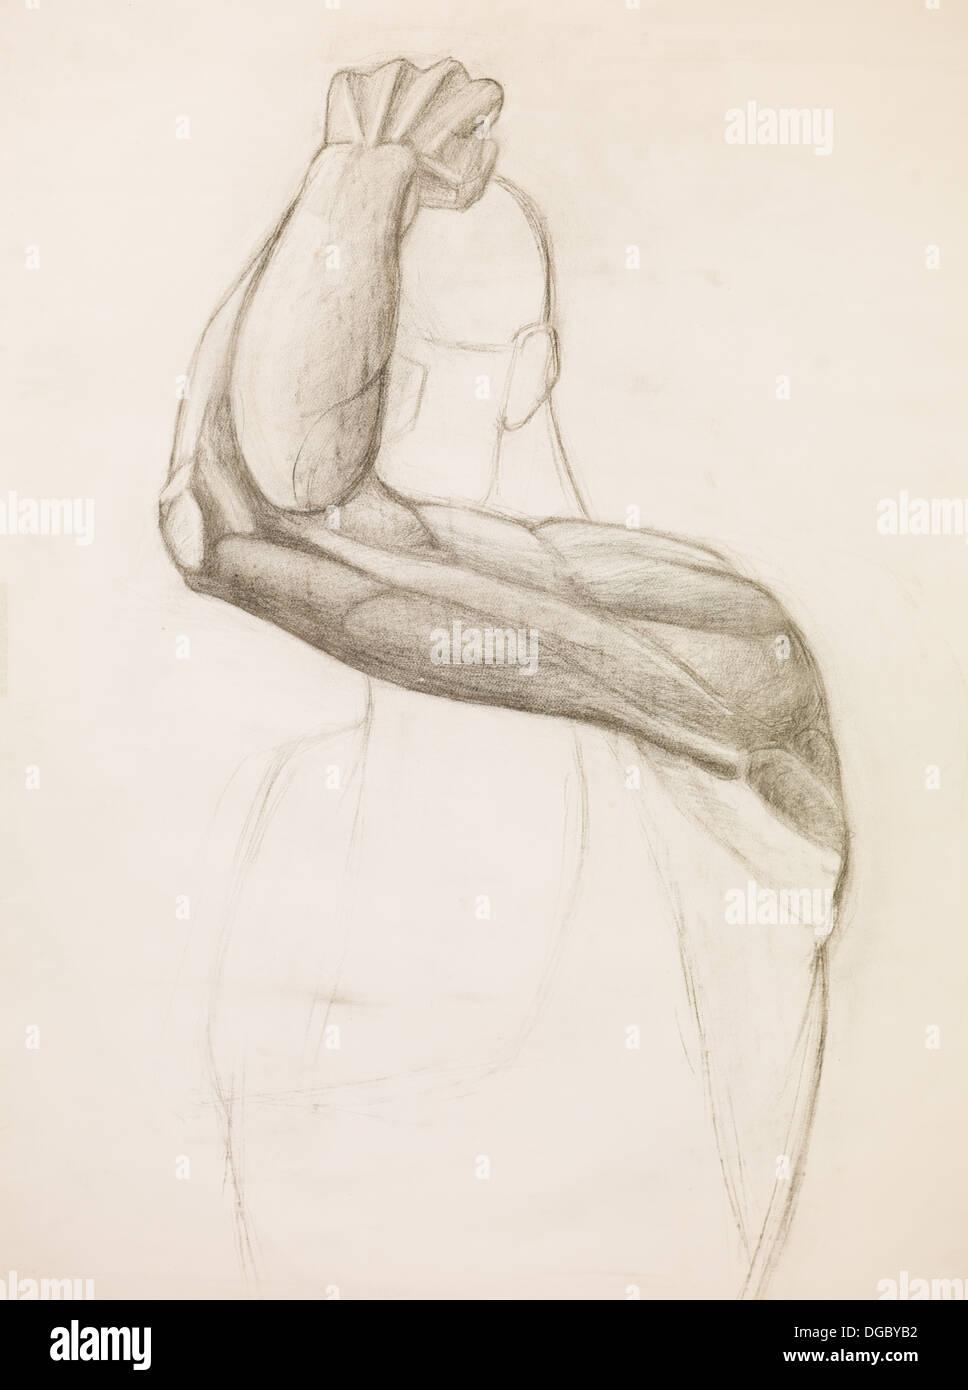 Dibujados a mano de dibujo a lápiz y los músculos del brazo humano ...